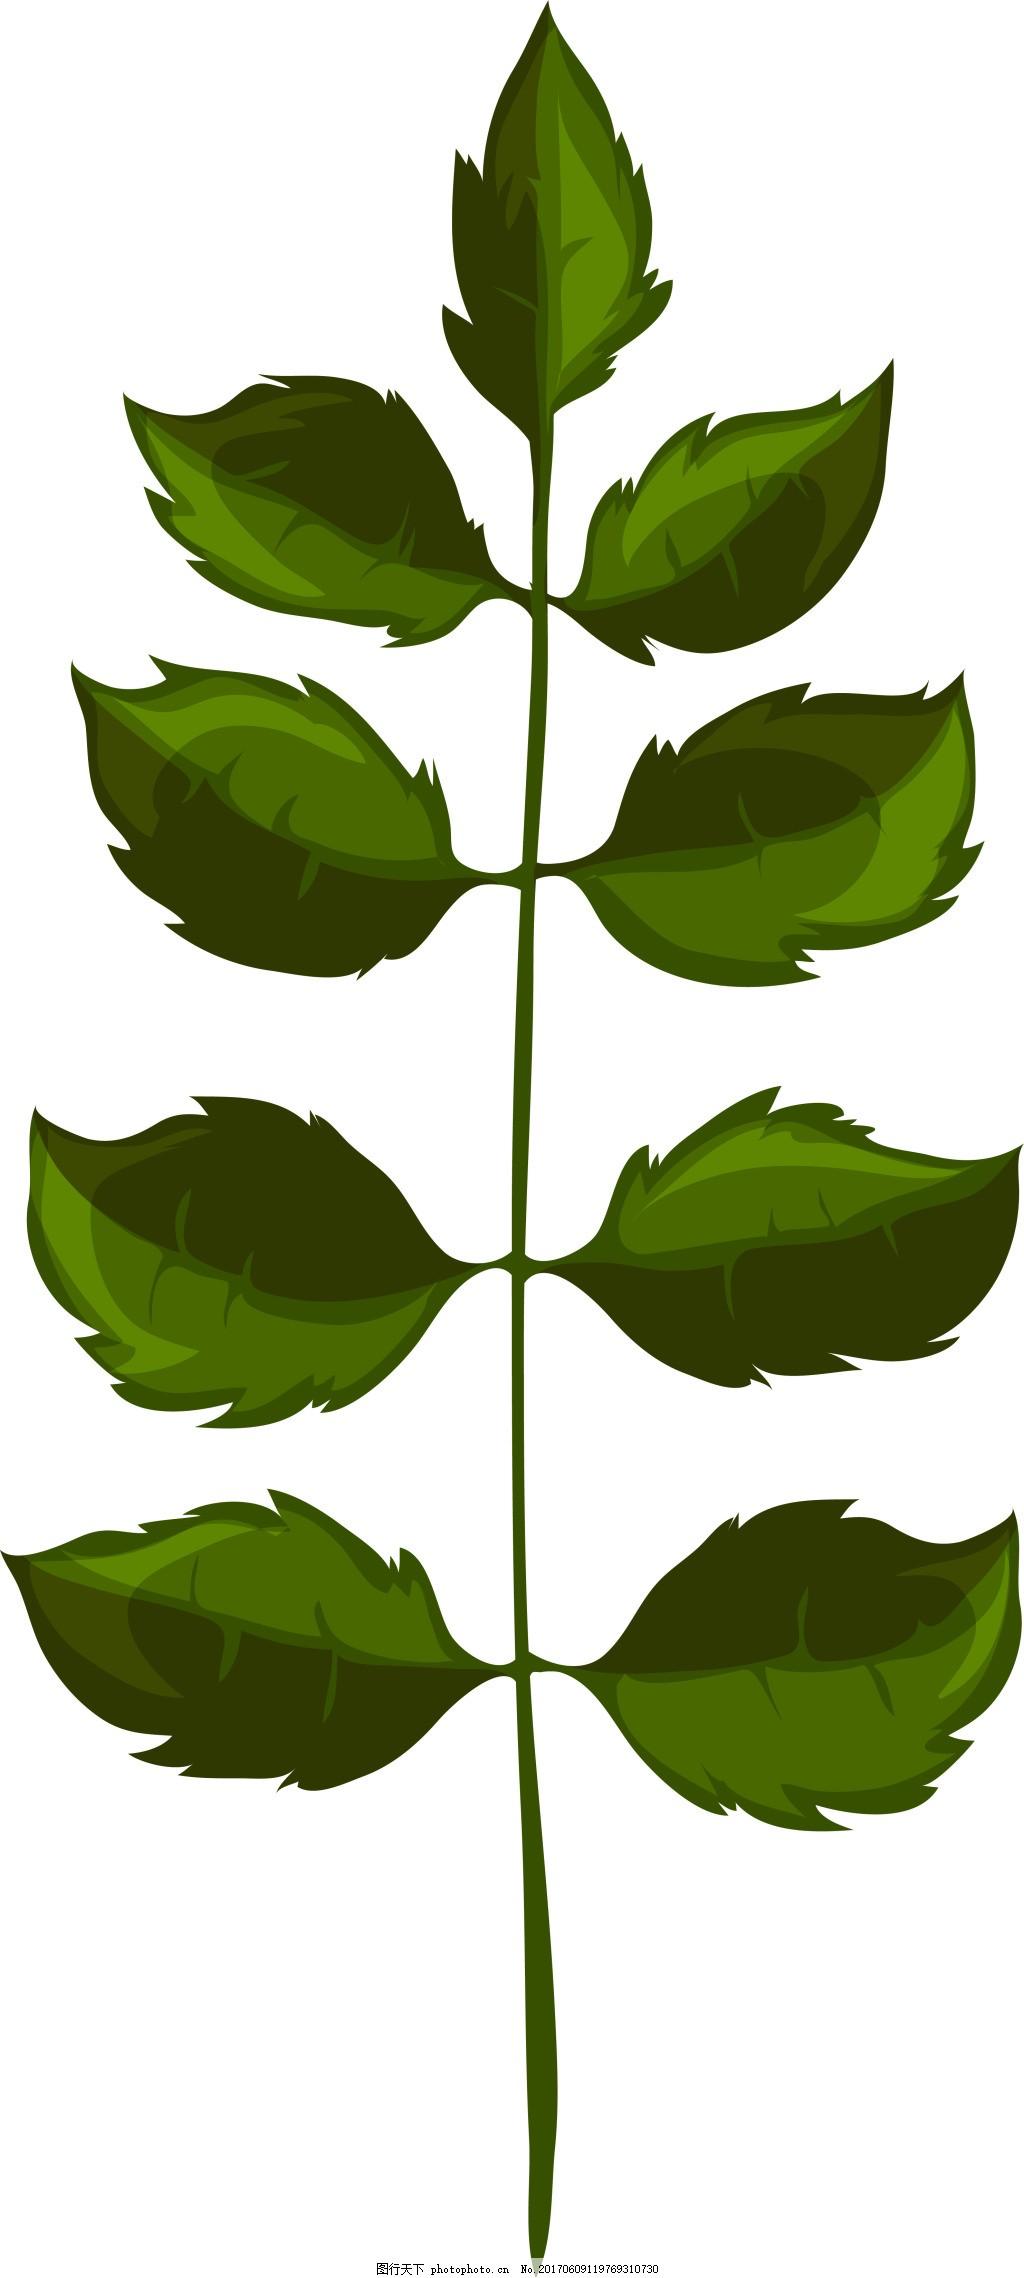 深色绿叶卡通植物矢量素材 深绿色 精致 水彩 手绘 装饰 图案